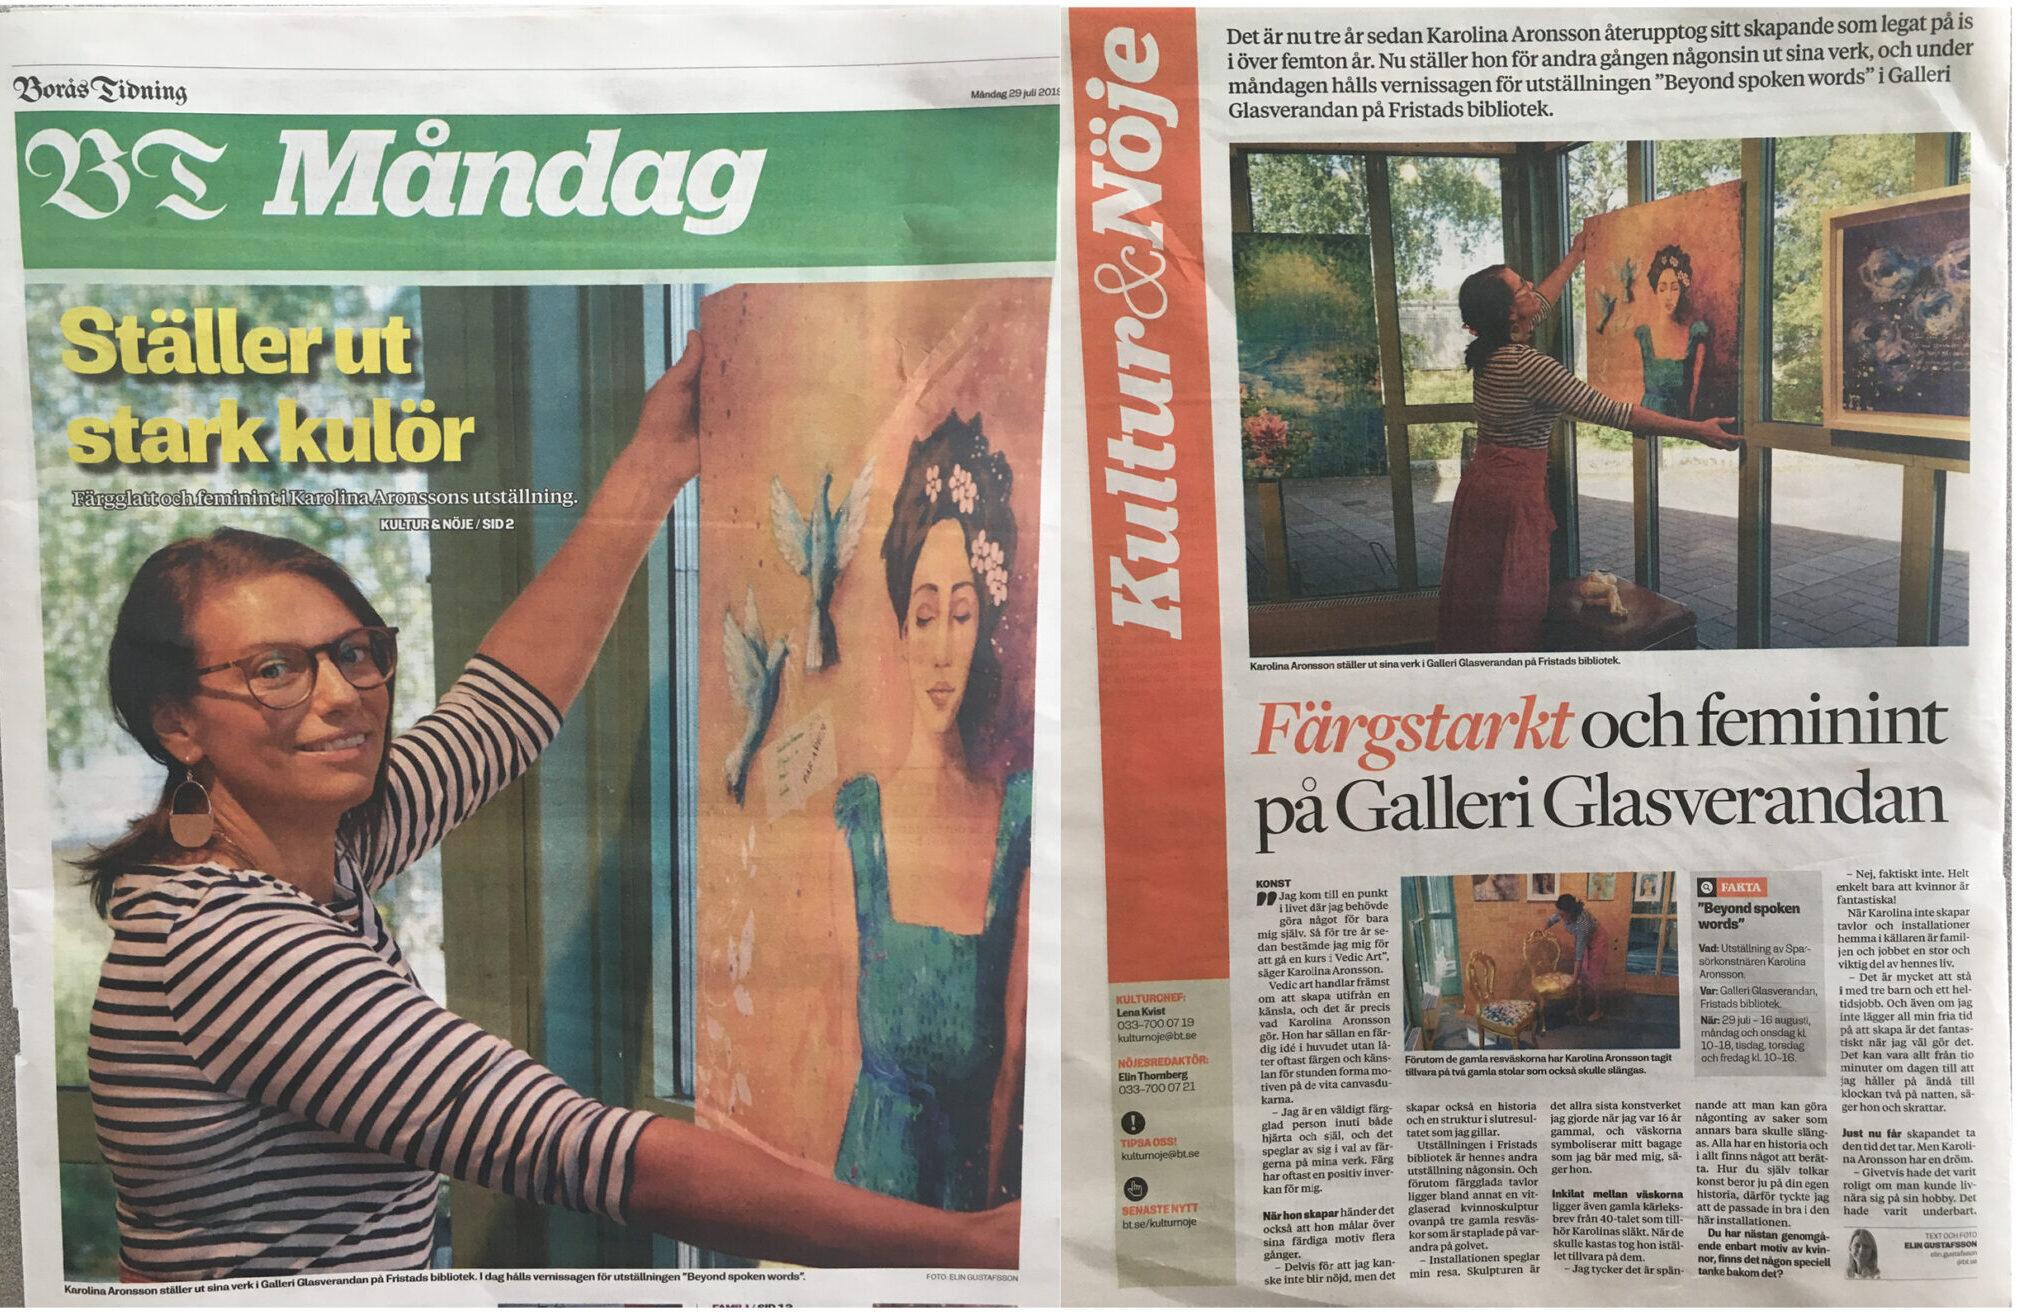 Färgstarkt på Galleri glasverandan